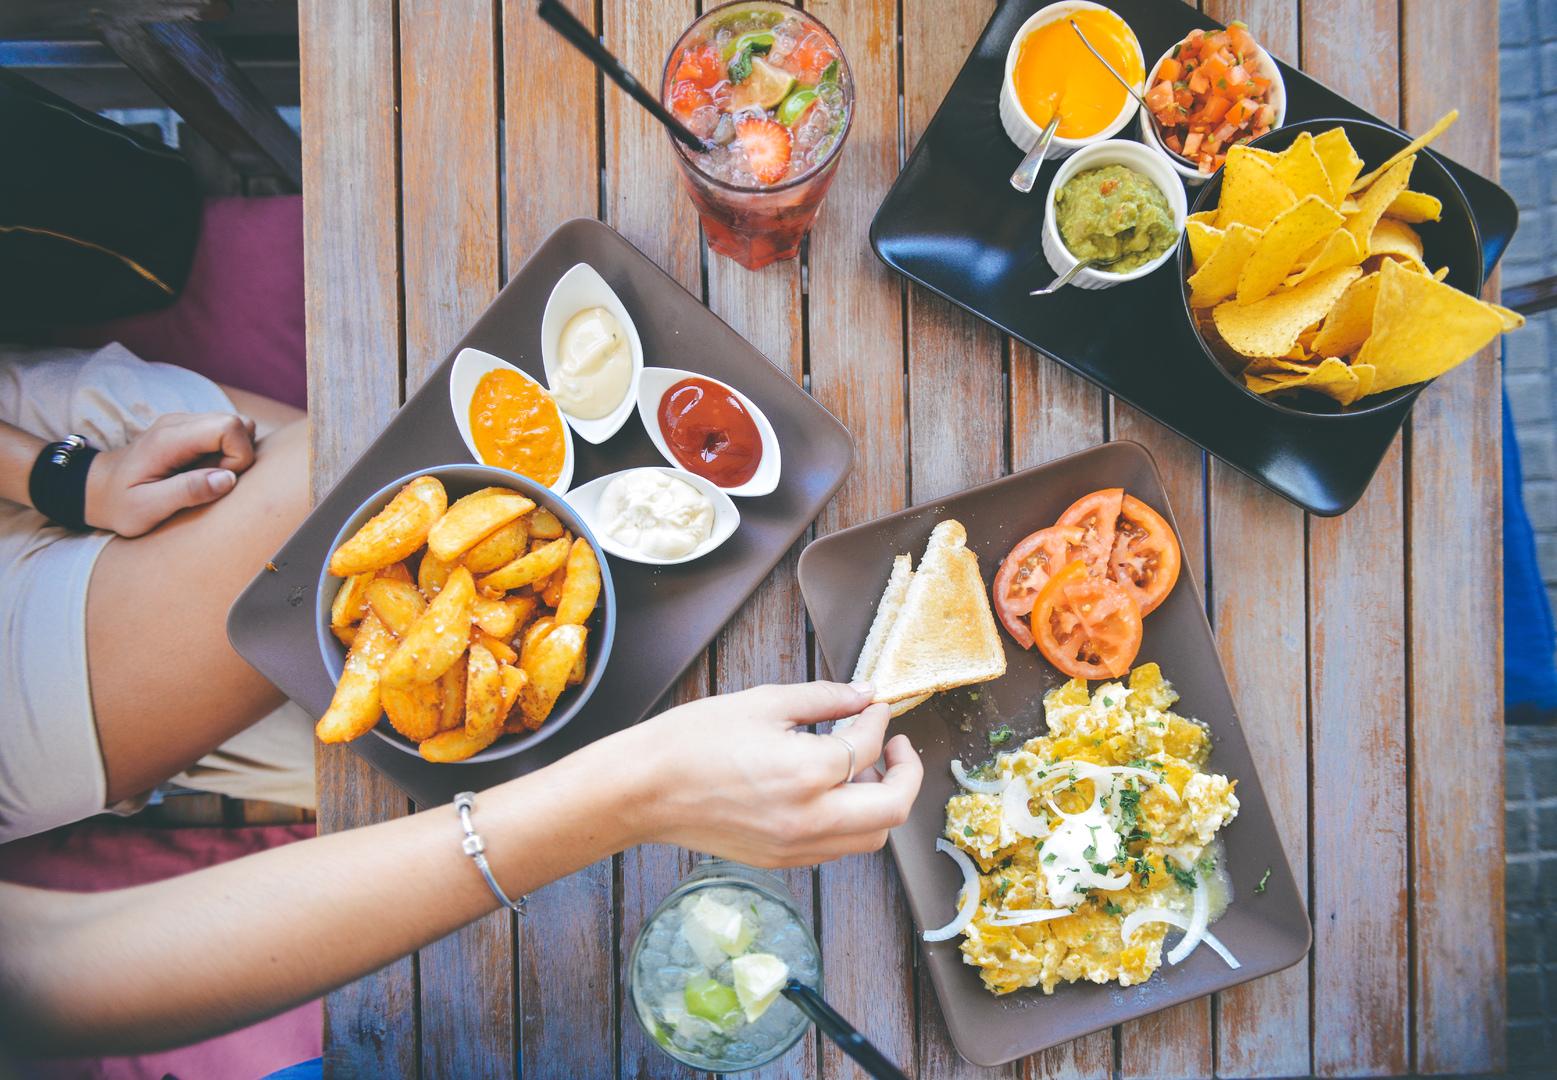 Meksykańska kuchnia jedzenie